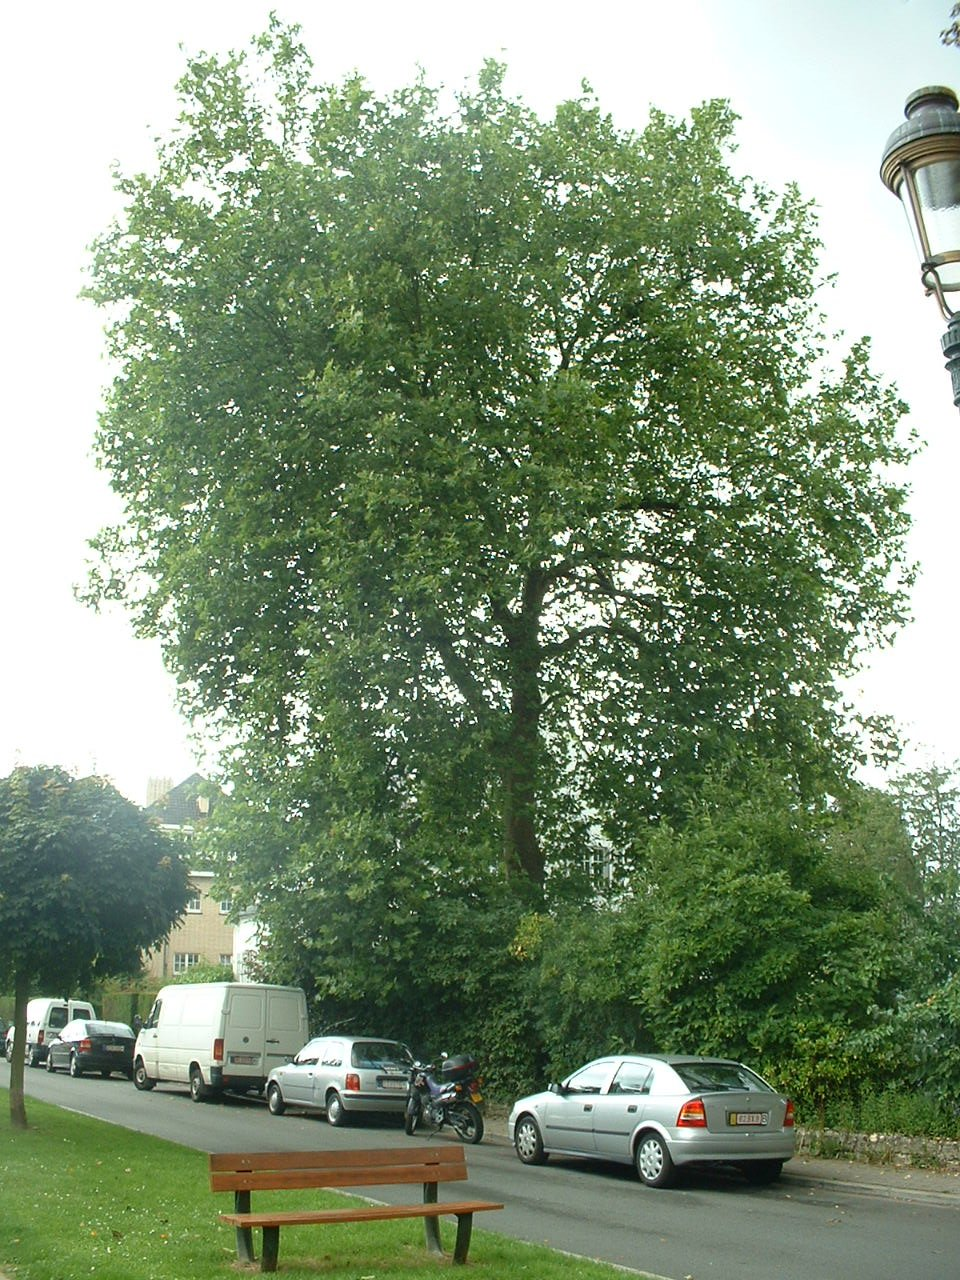 Platane à feuille d'érable – Auderghem, Avenue Roger Hainaut, 16 –  08 Août 2005